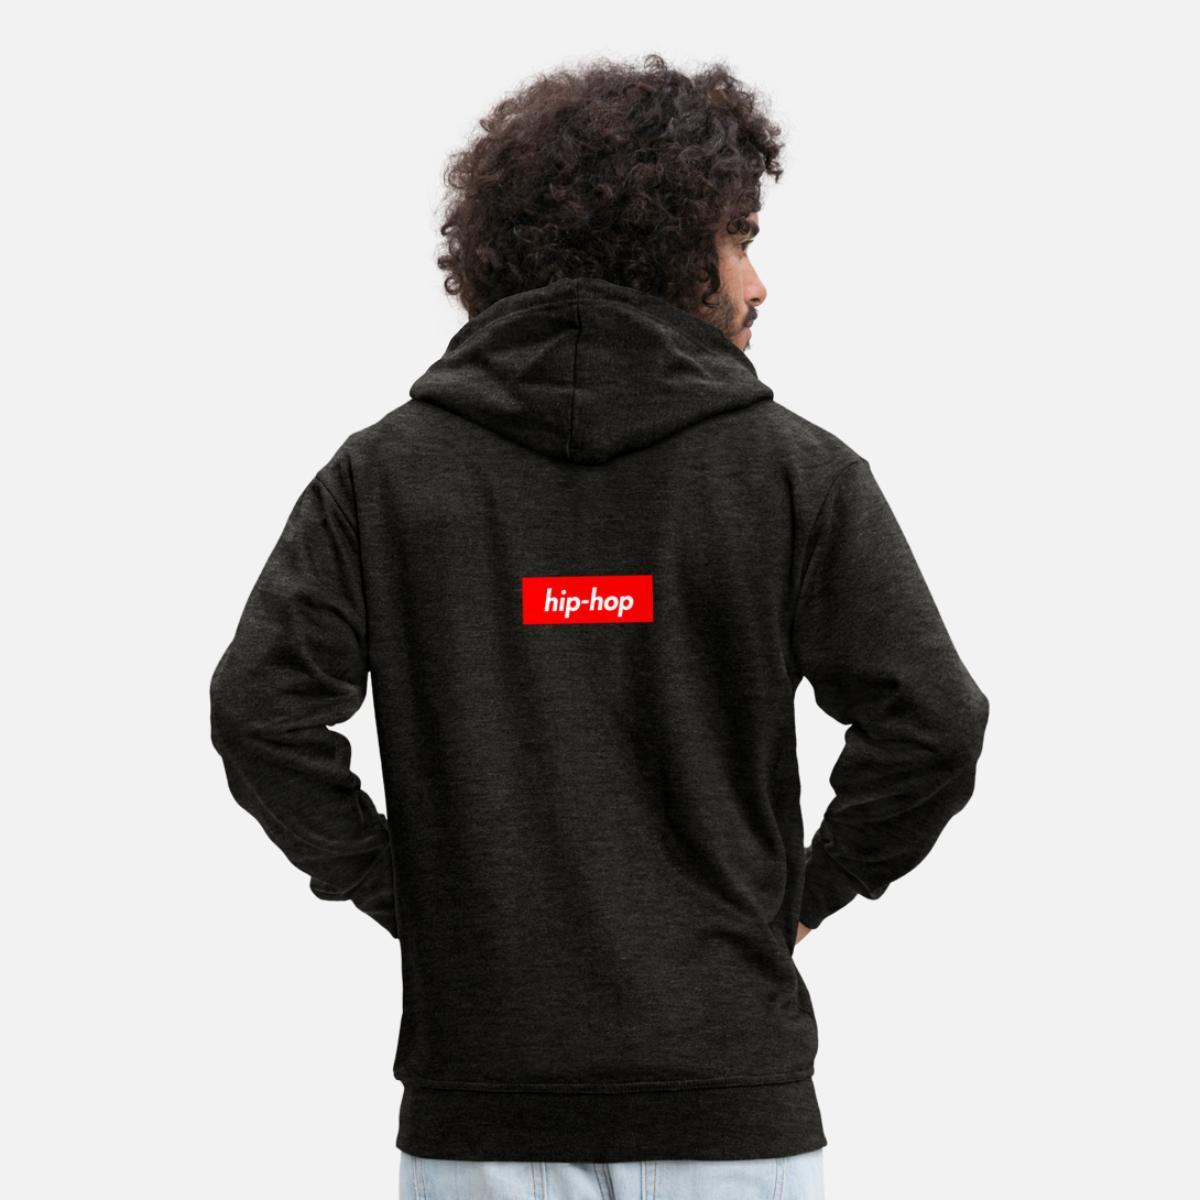 Premium Veste Spreadshirt Homme À Hop Hip Capuche xBIaCn